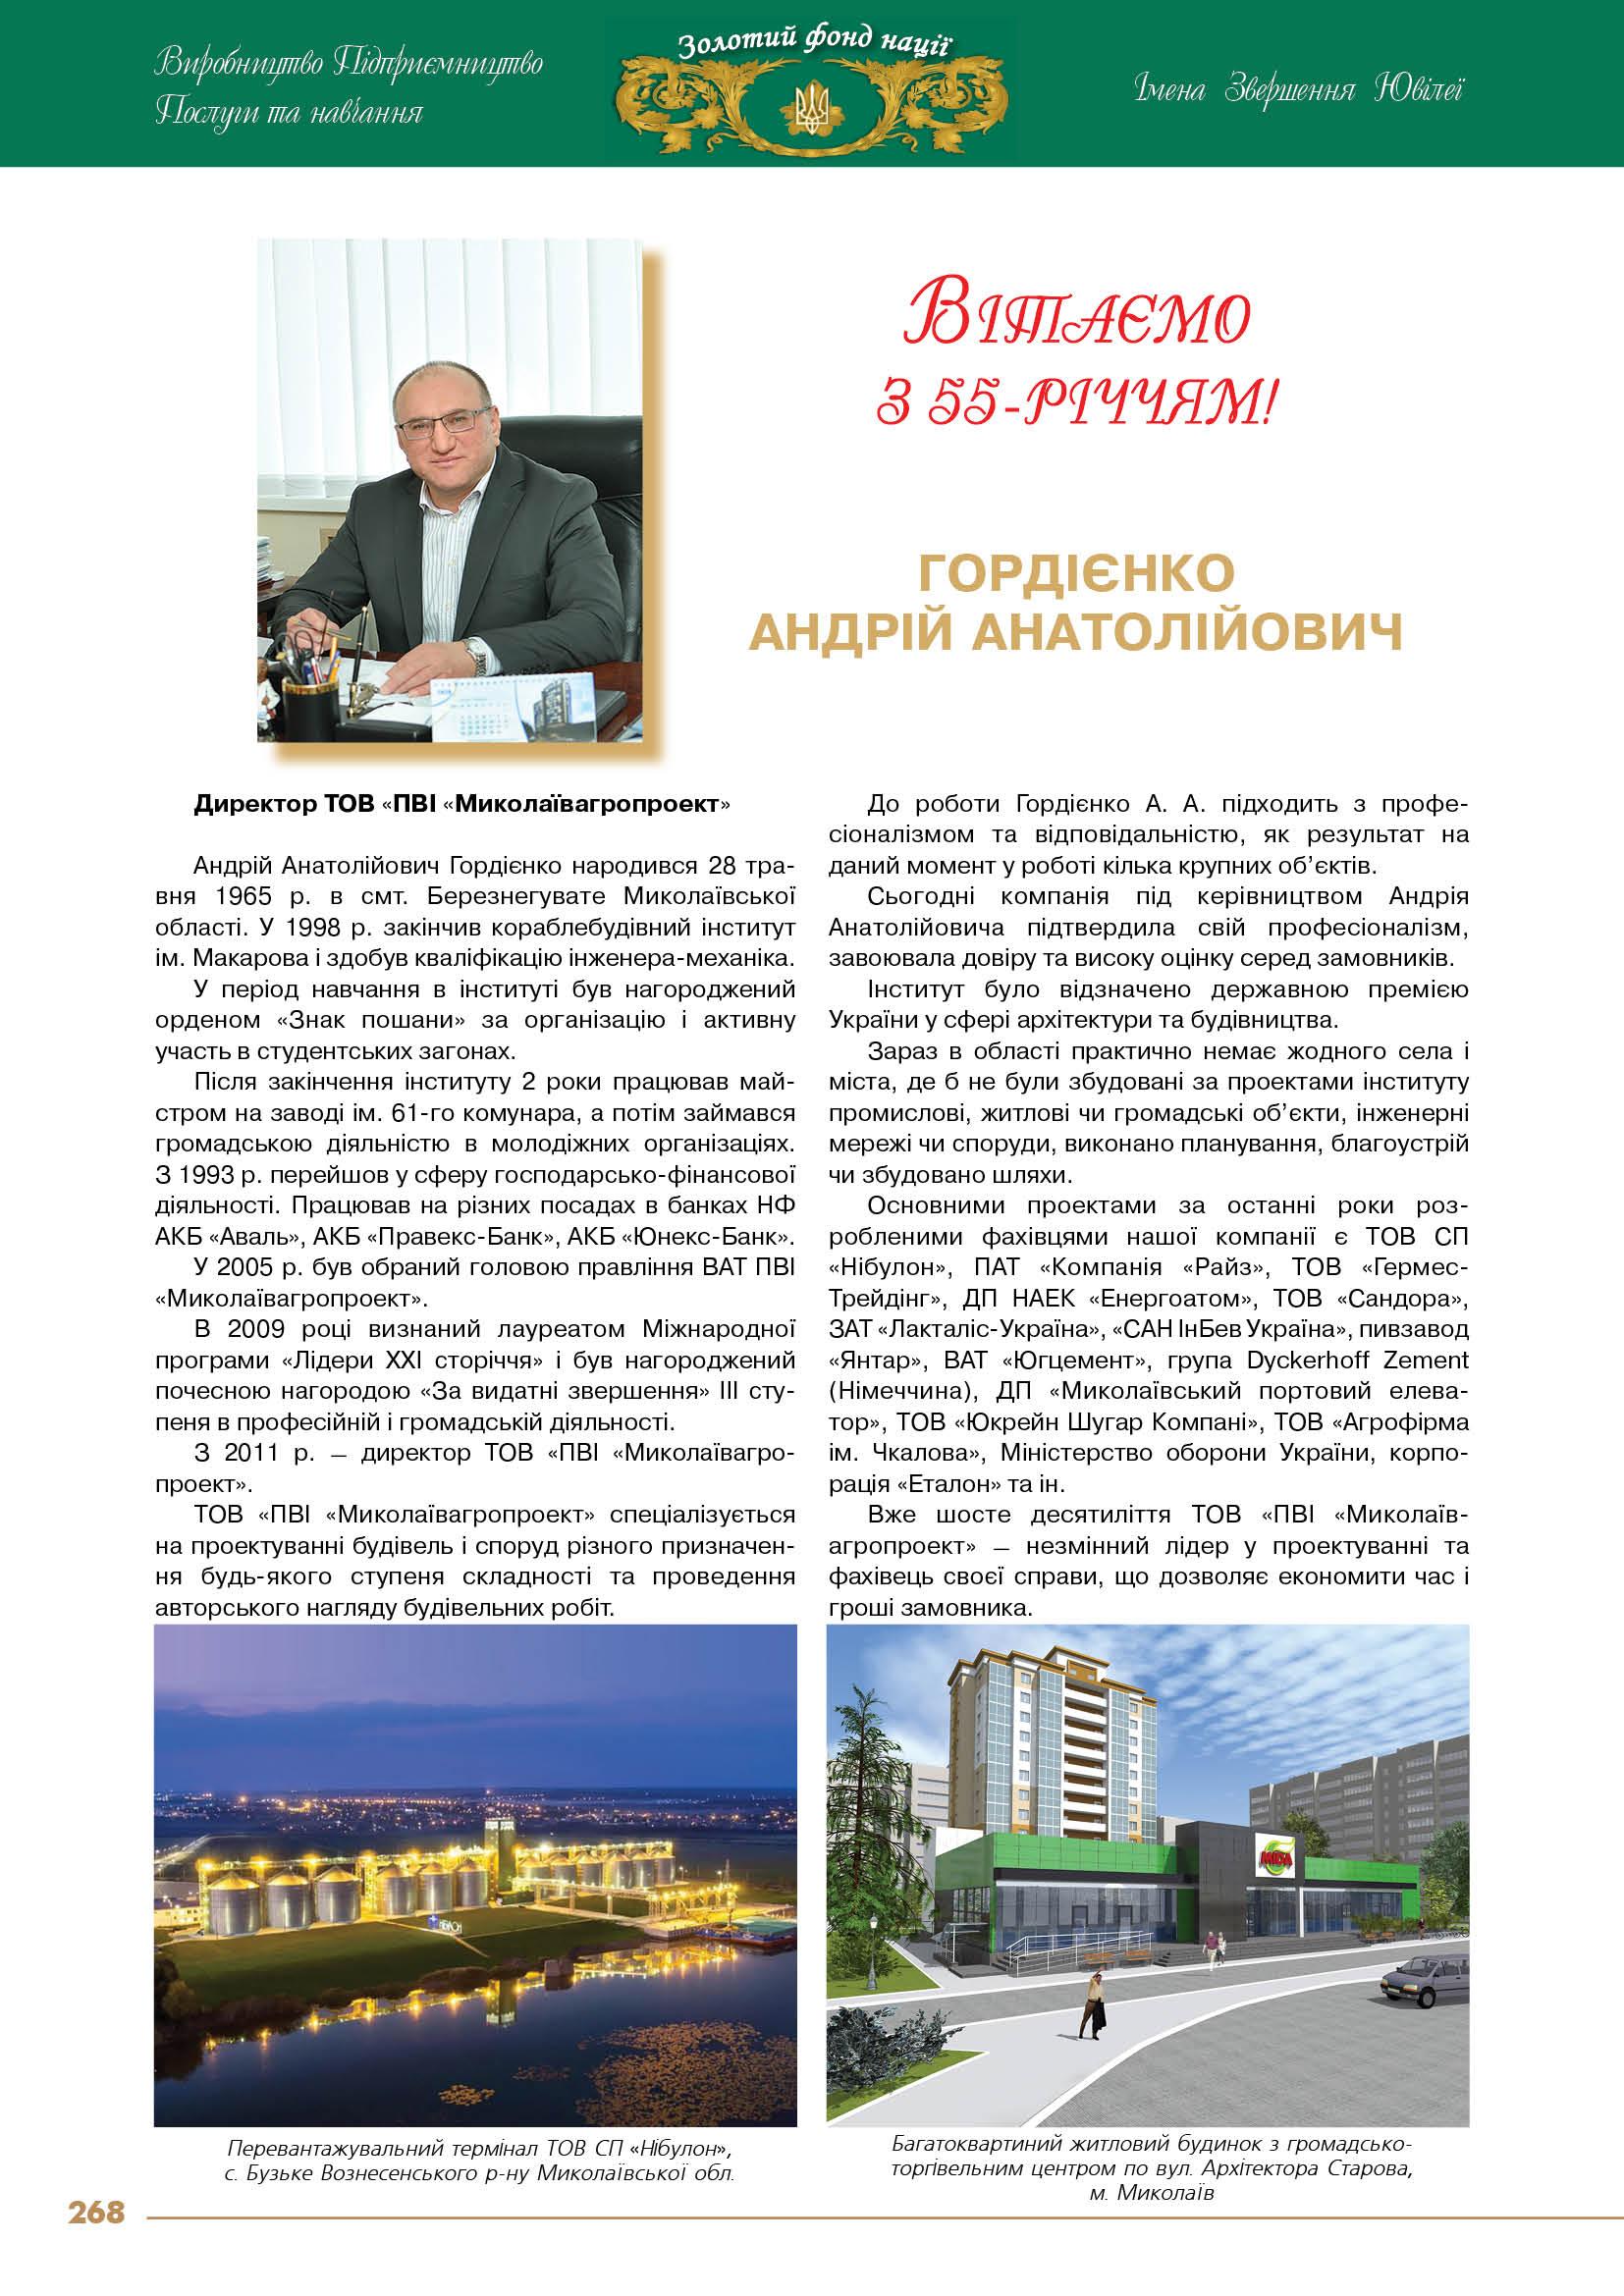 Гордієнко Андрій Анатолійович